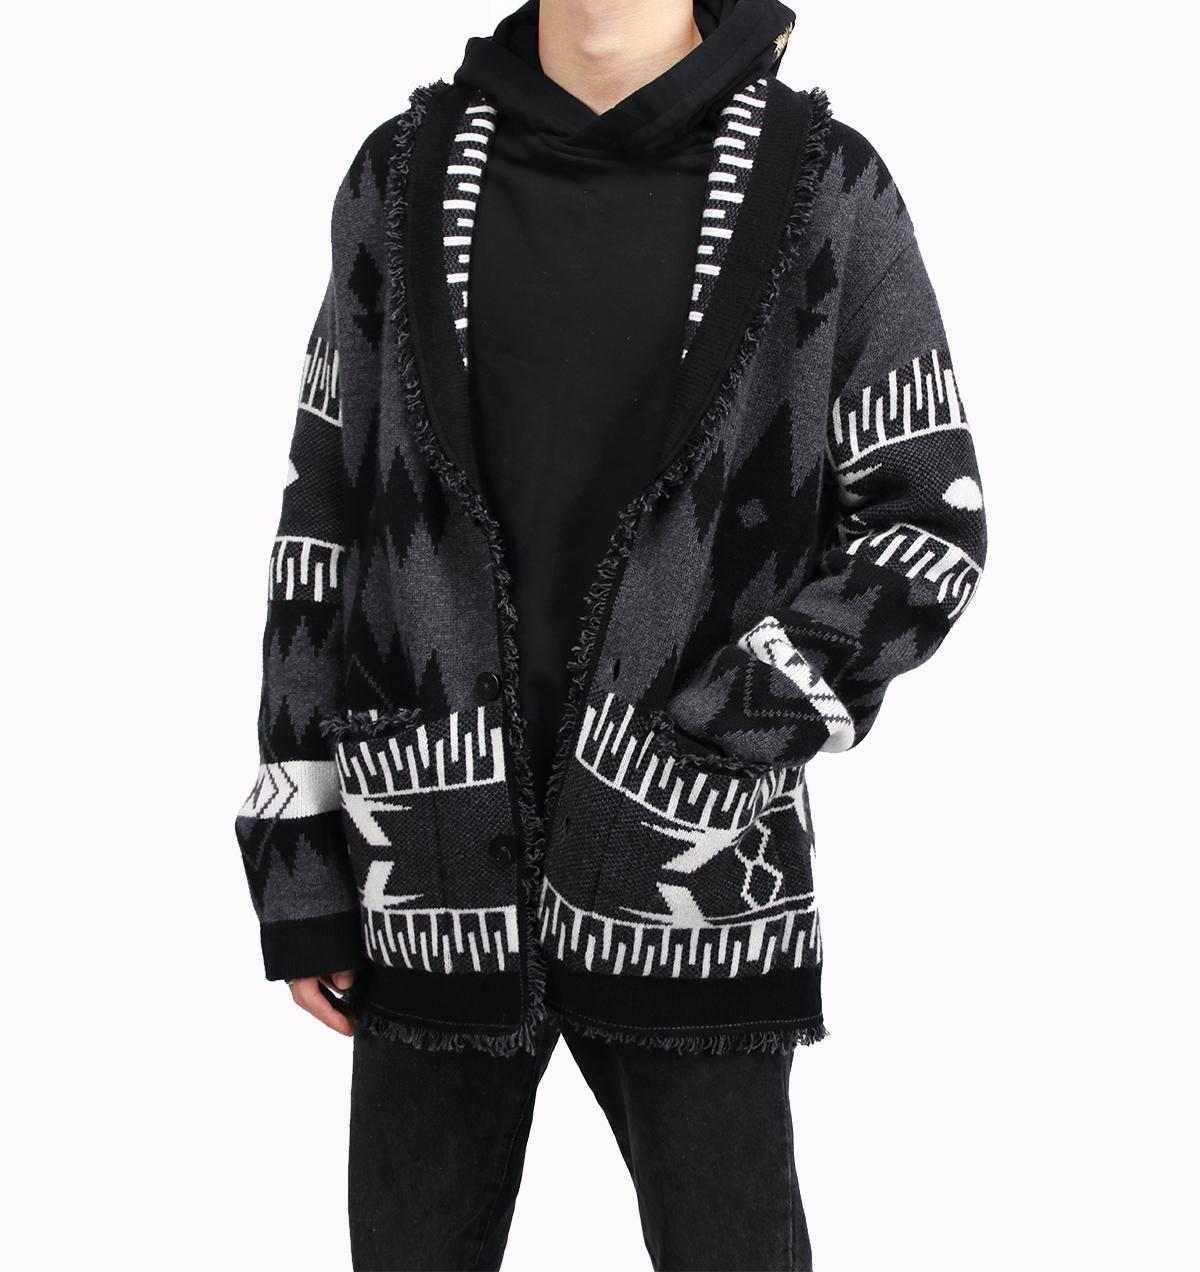 Danh sách thần hàng năm !! ALANUI phong cách nặng nề Hanshan nhung trắng tấm hoa handmade là chiếc áo len cashmere nặng hoang dã - Áo len Cashmere